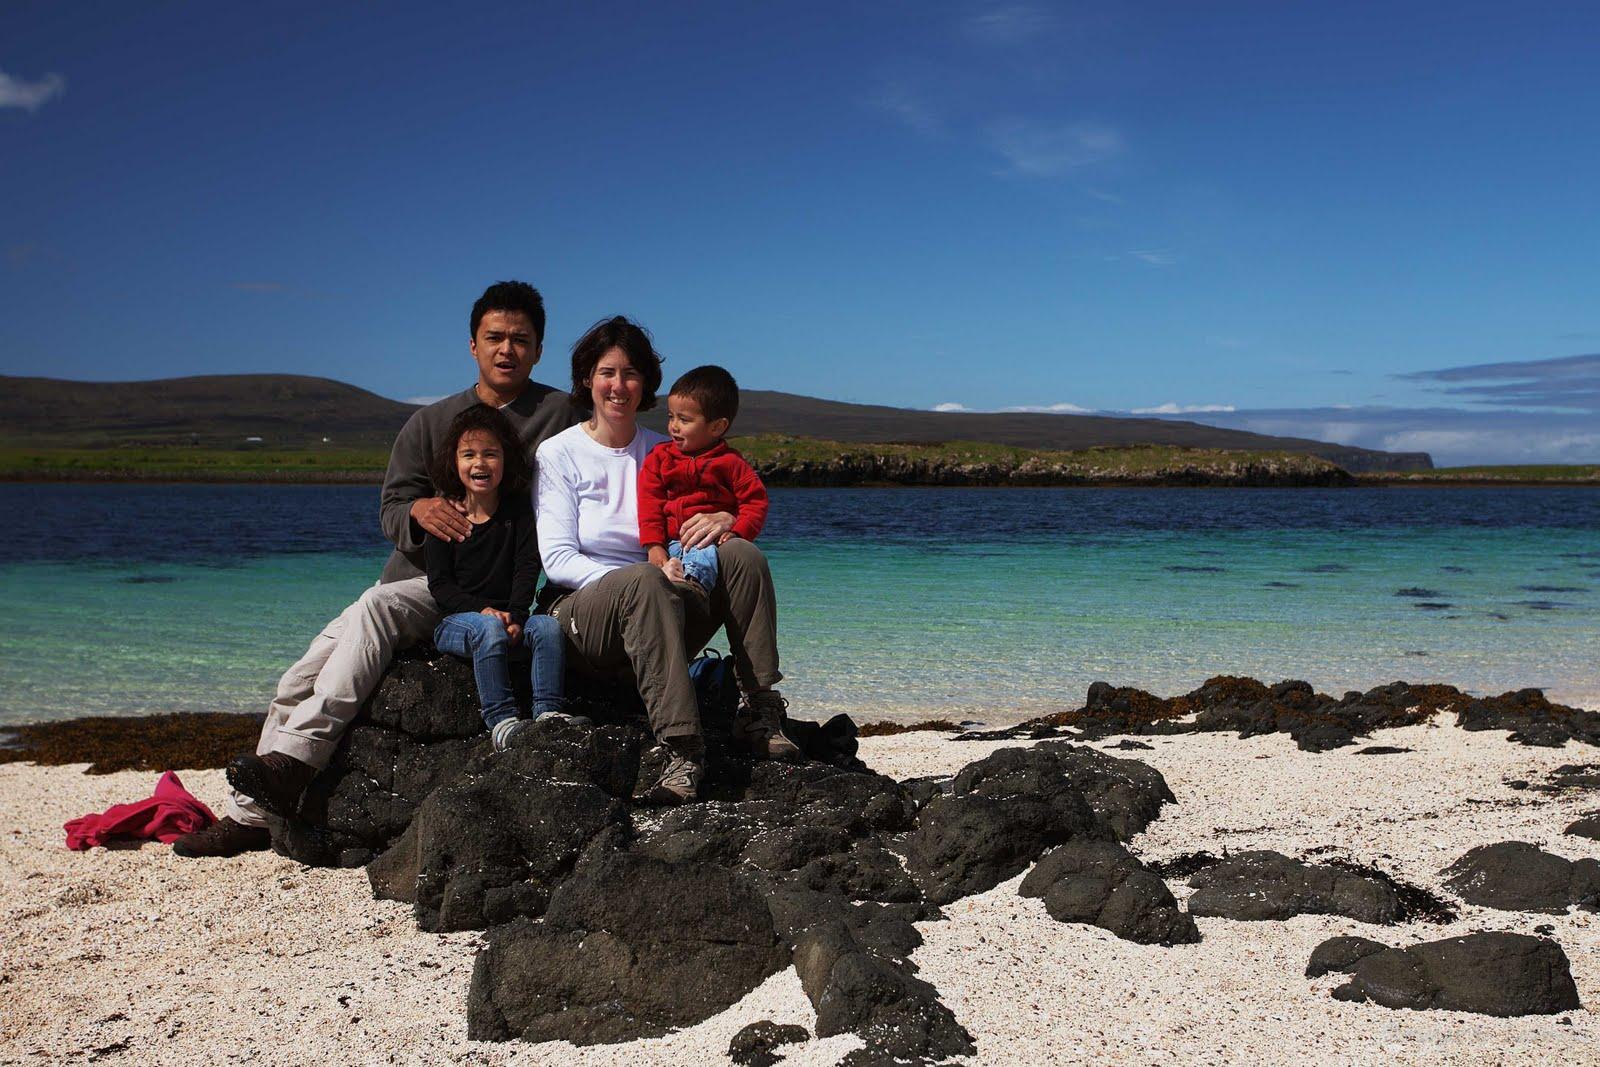 Coco beach en famille